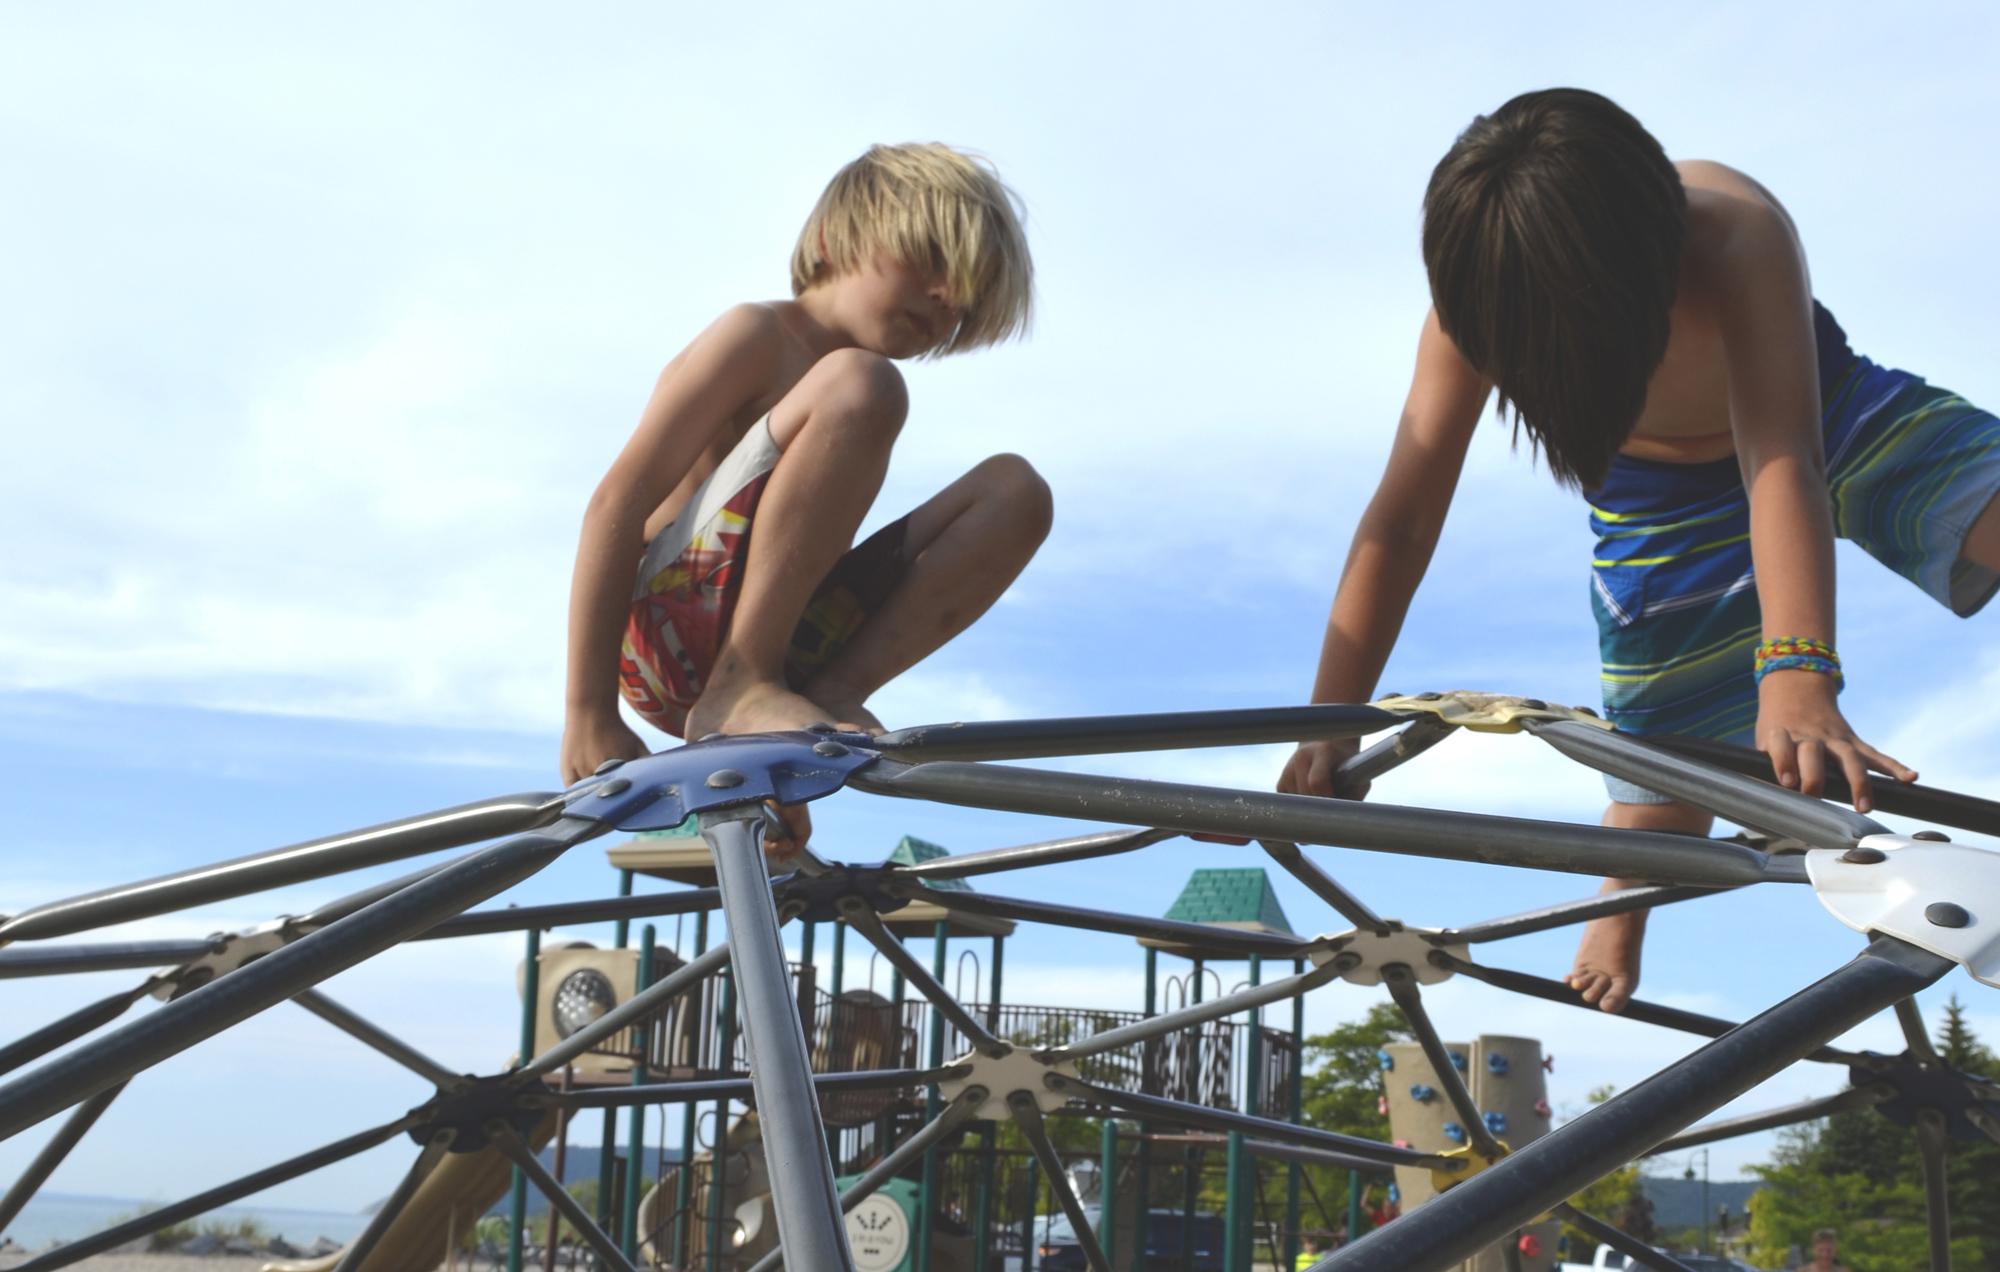 Empire beach playground